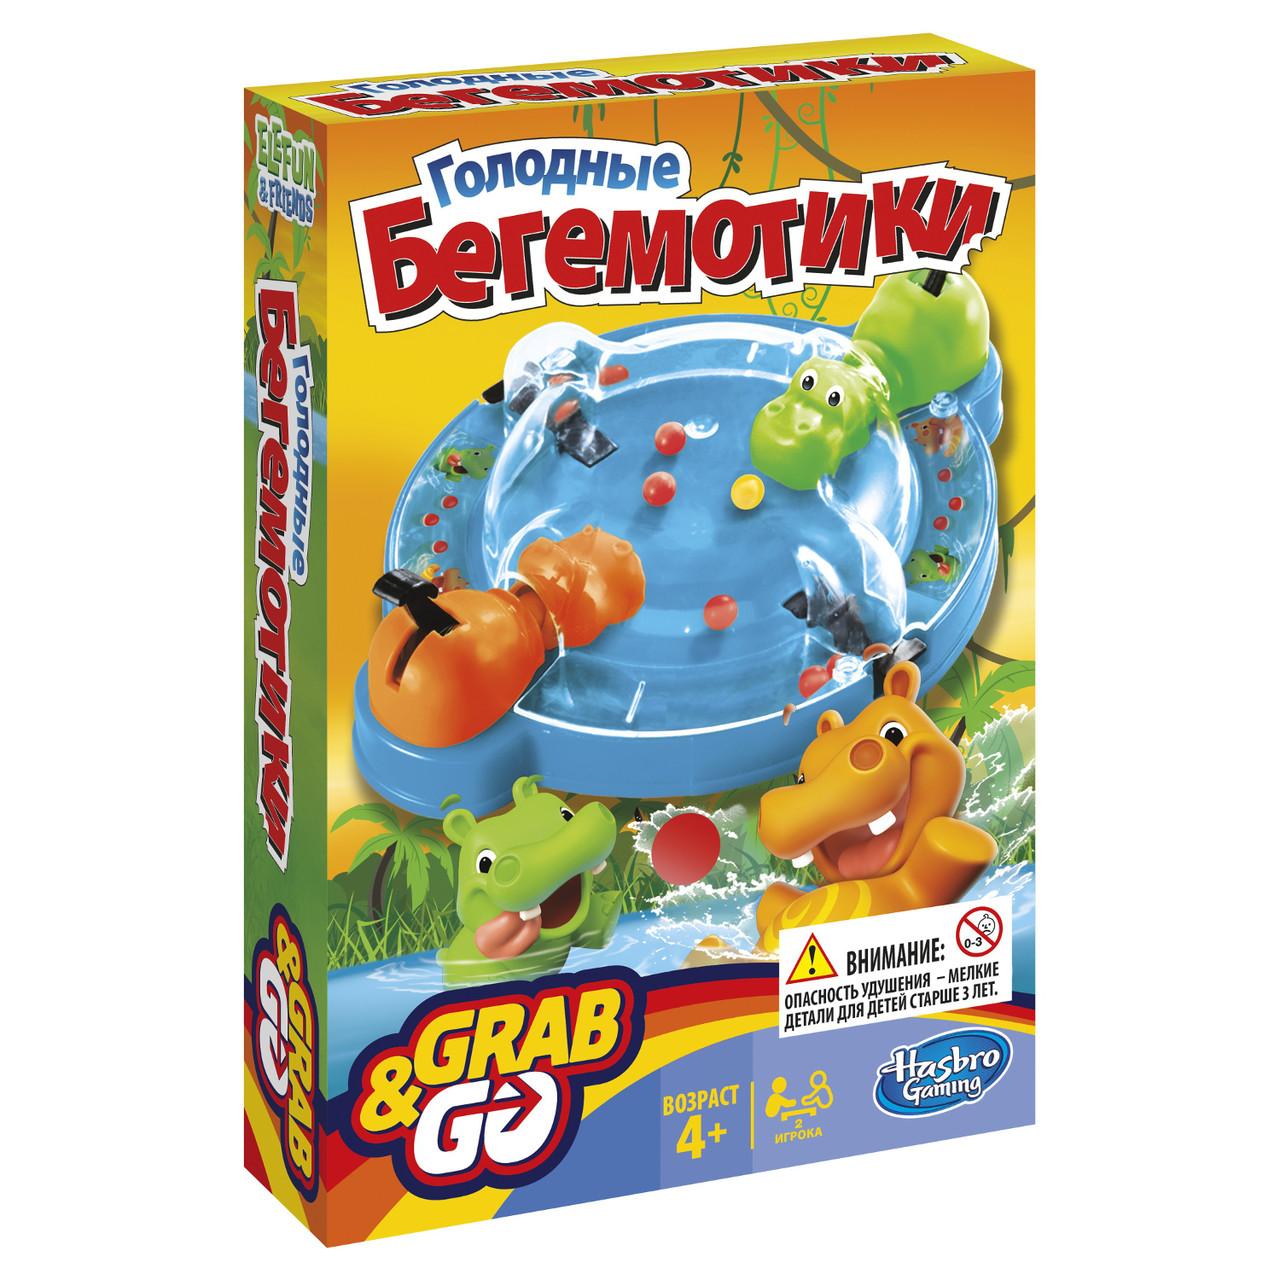 Настольная игра Дорожная Игра Голодные бегемотики